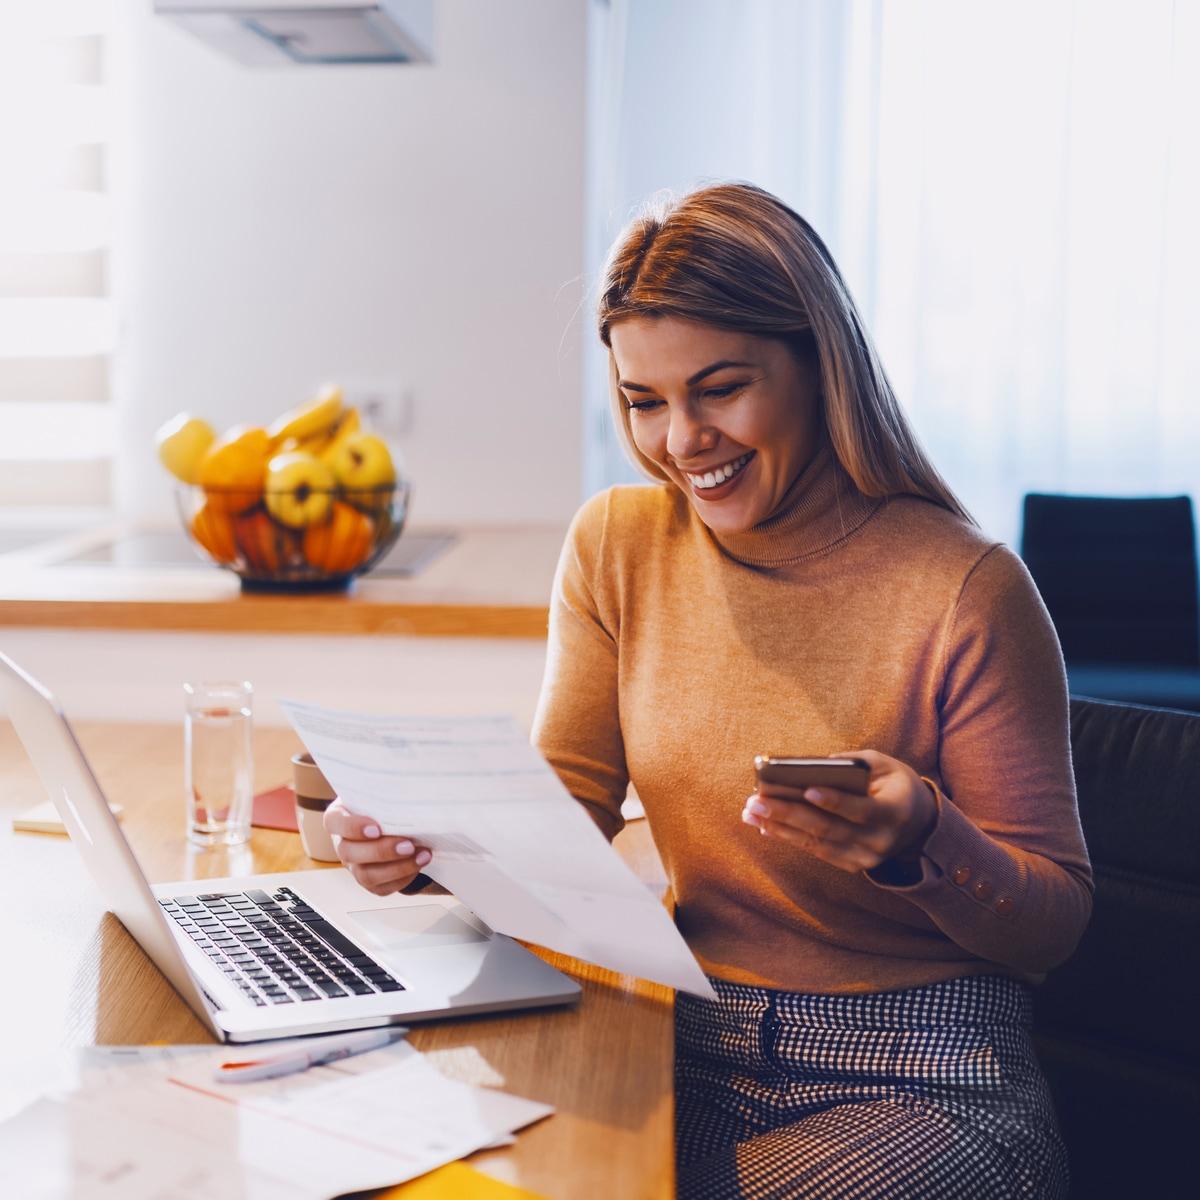 Odm consulting, busta paga donne -8,7% rispetto a colleghi maschi